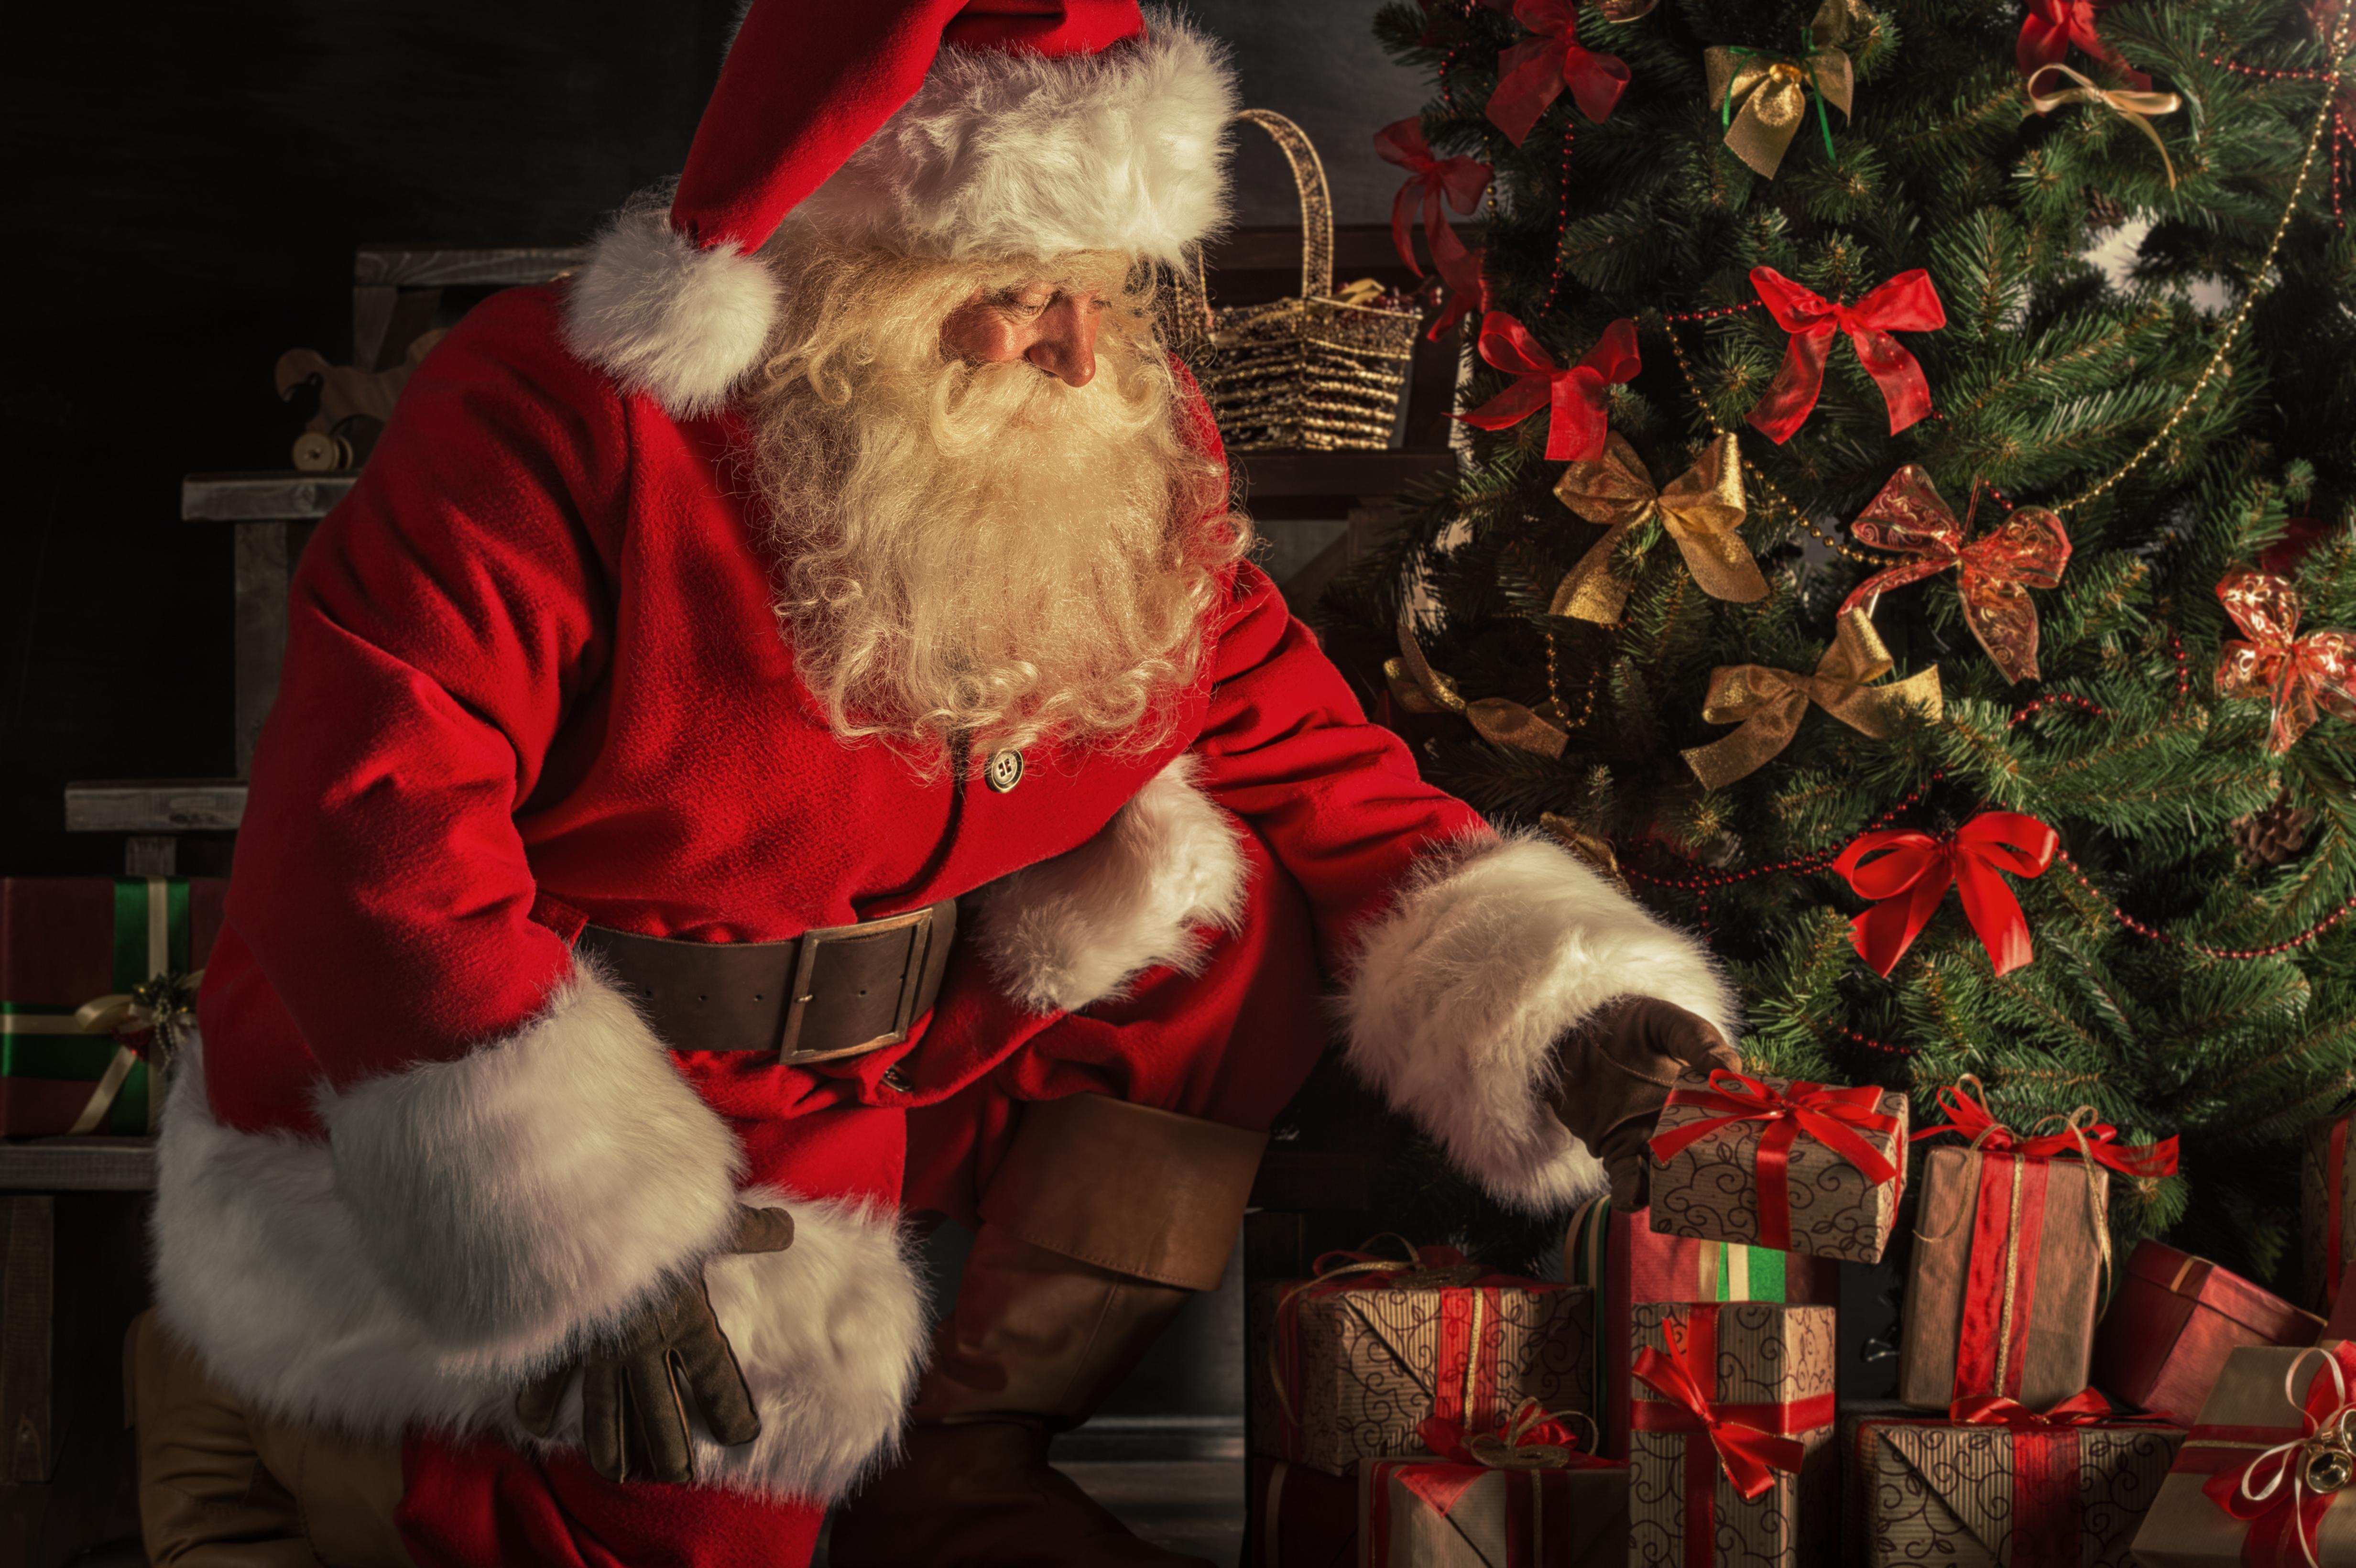 Начальник Деда Мороза разбился на вертолете в Великом Устюге